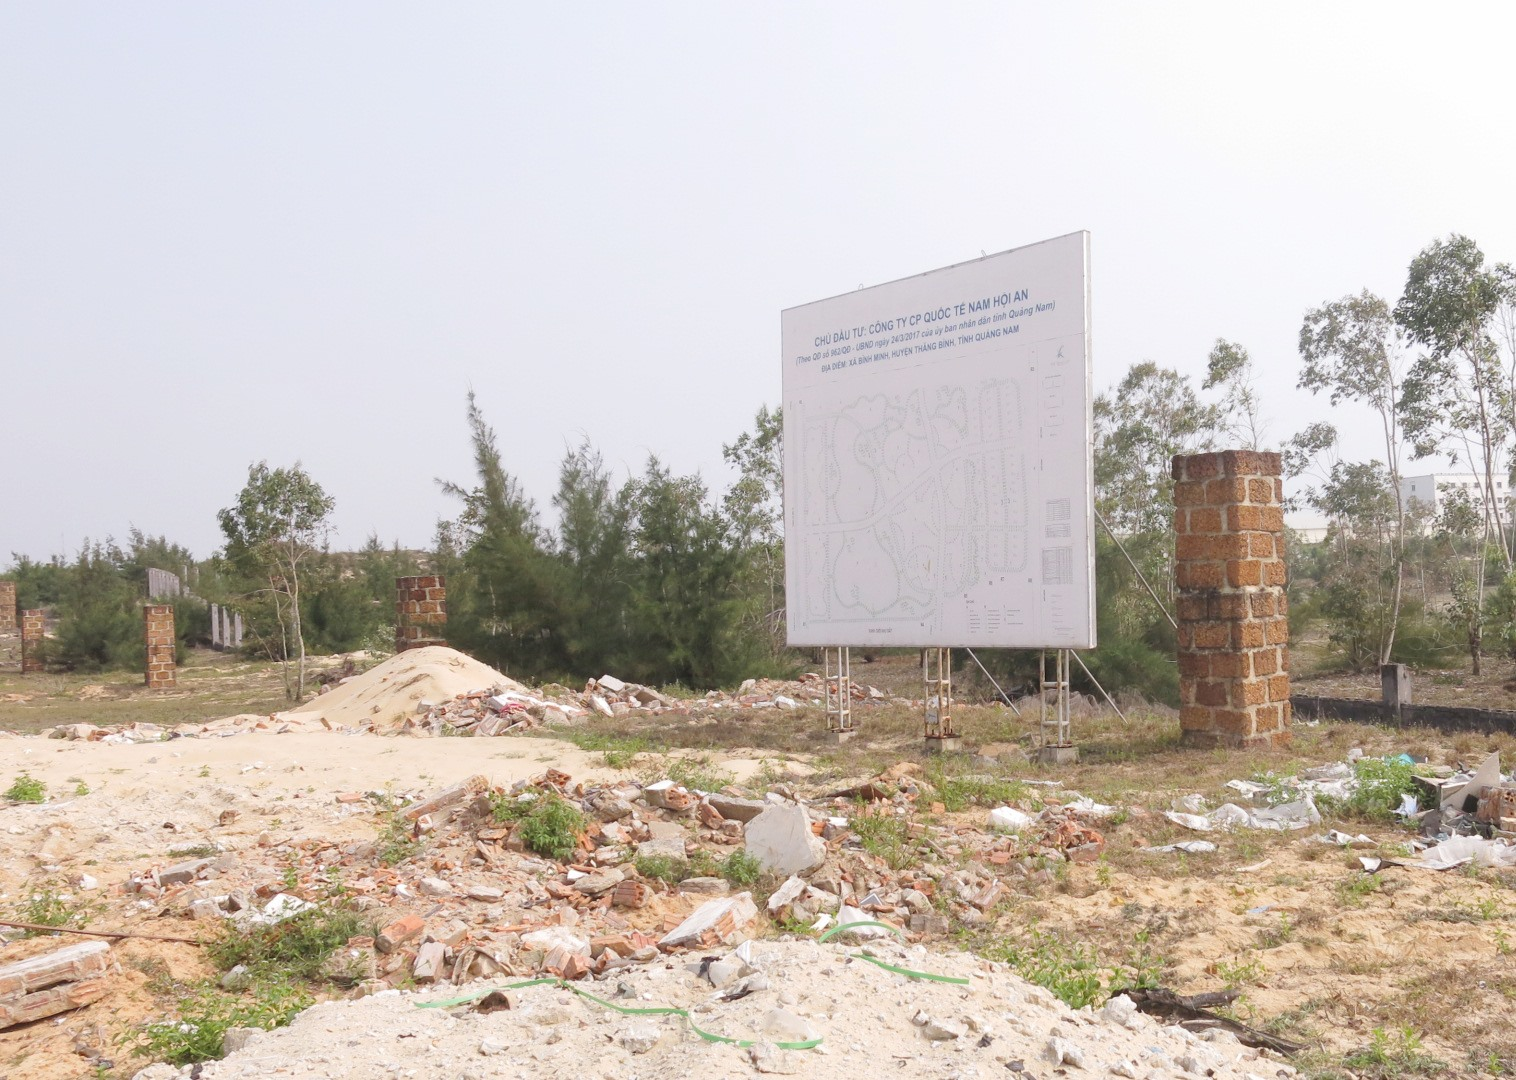 Khu vực triển khai dự án Khu nghỉ dưỡng phức hợp quốc tế An Thịnh – PPC.Ảnh: T.D